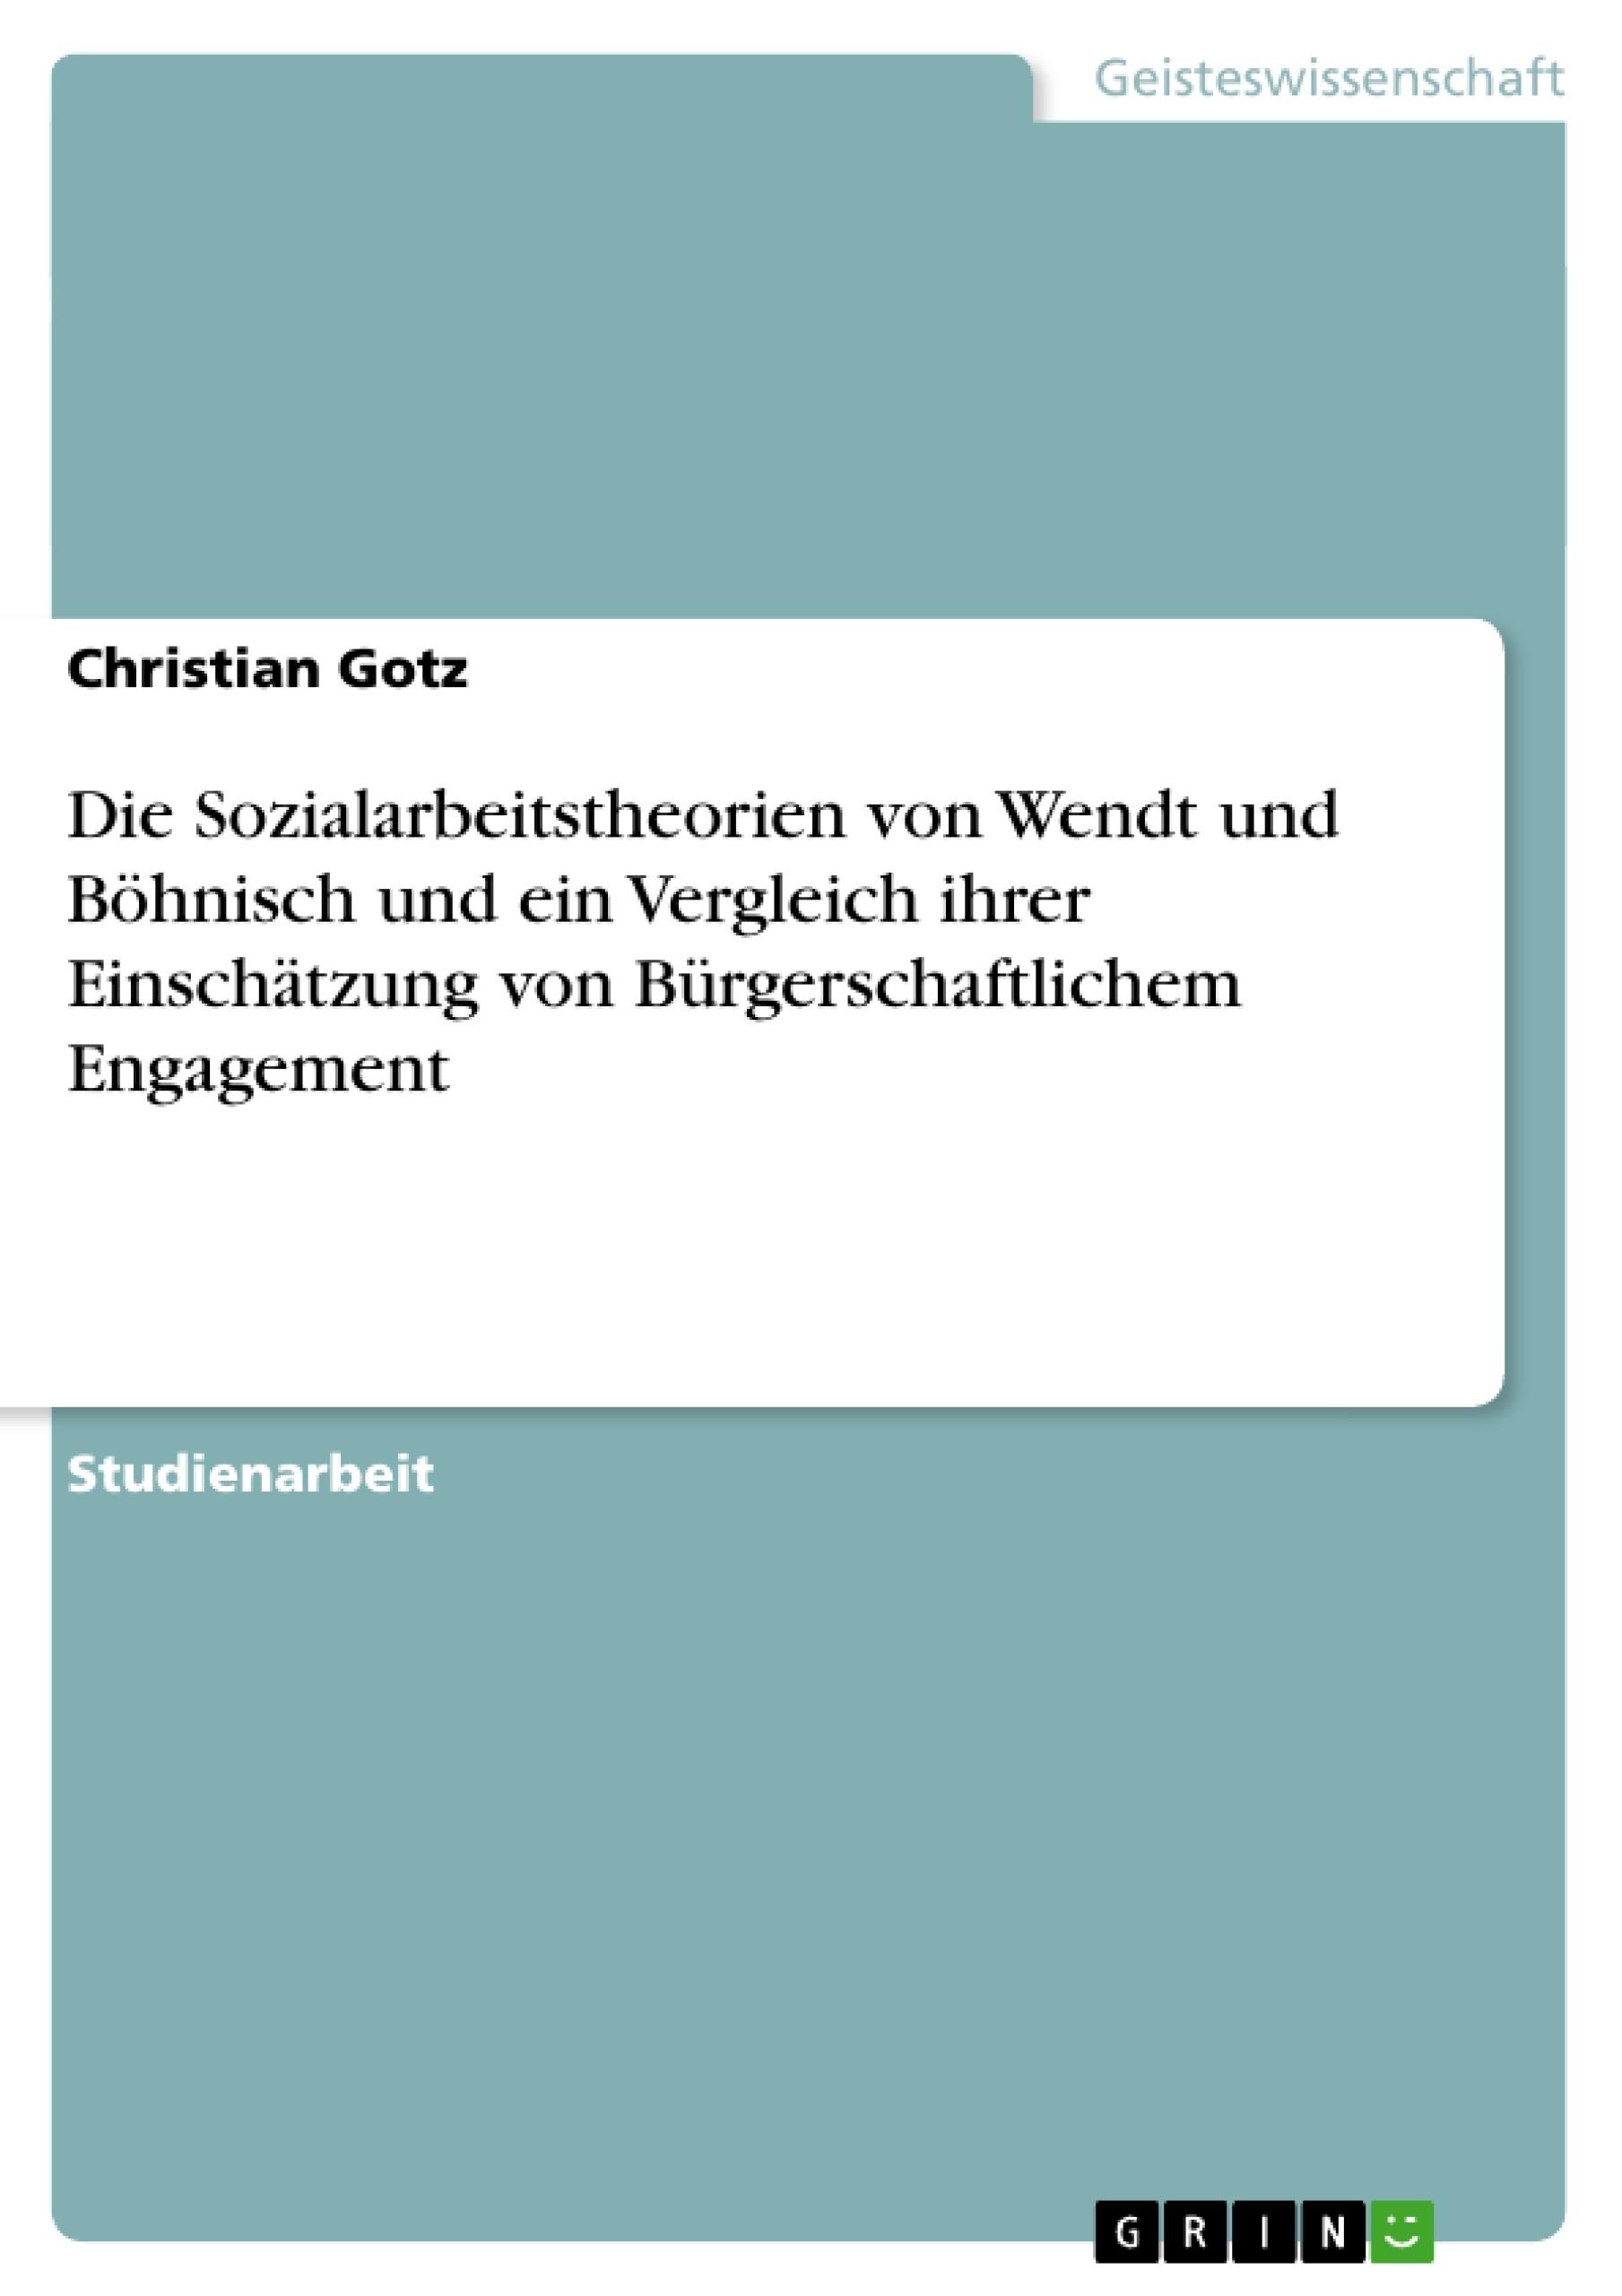 Titel: Die Sozialarbeitstheorien von Wendt und Böhnisch und ein Vergleich ihrer Einschätzung von Bürgerschaftlichem Engagement